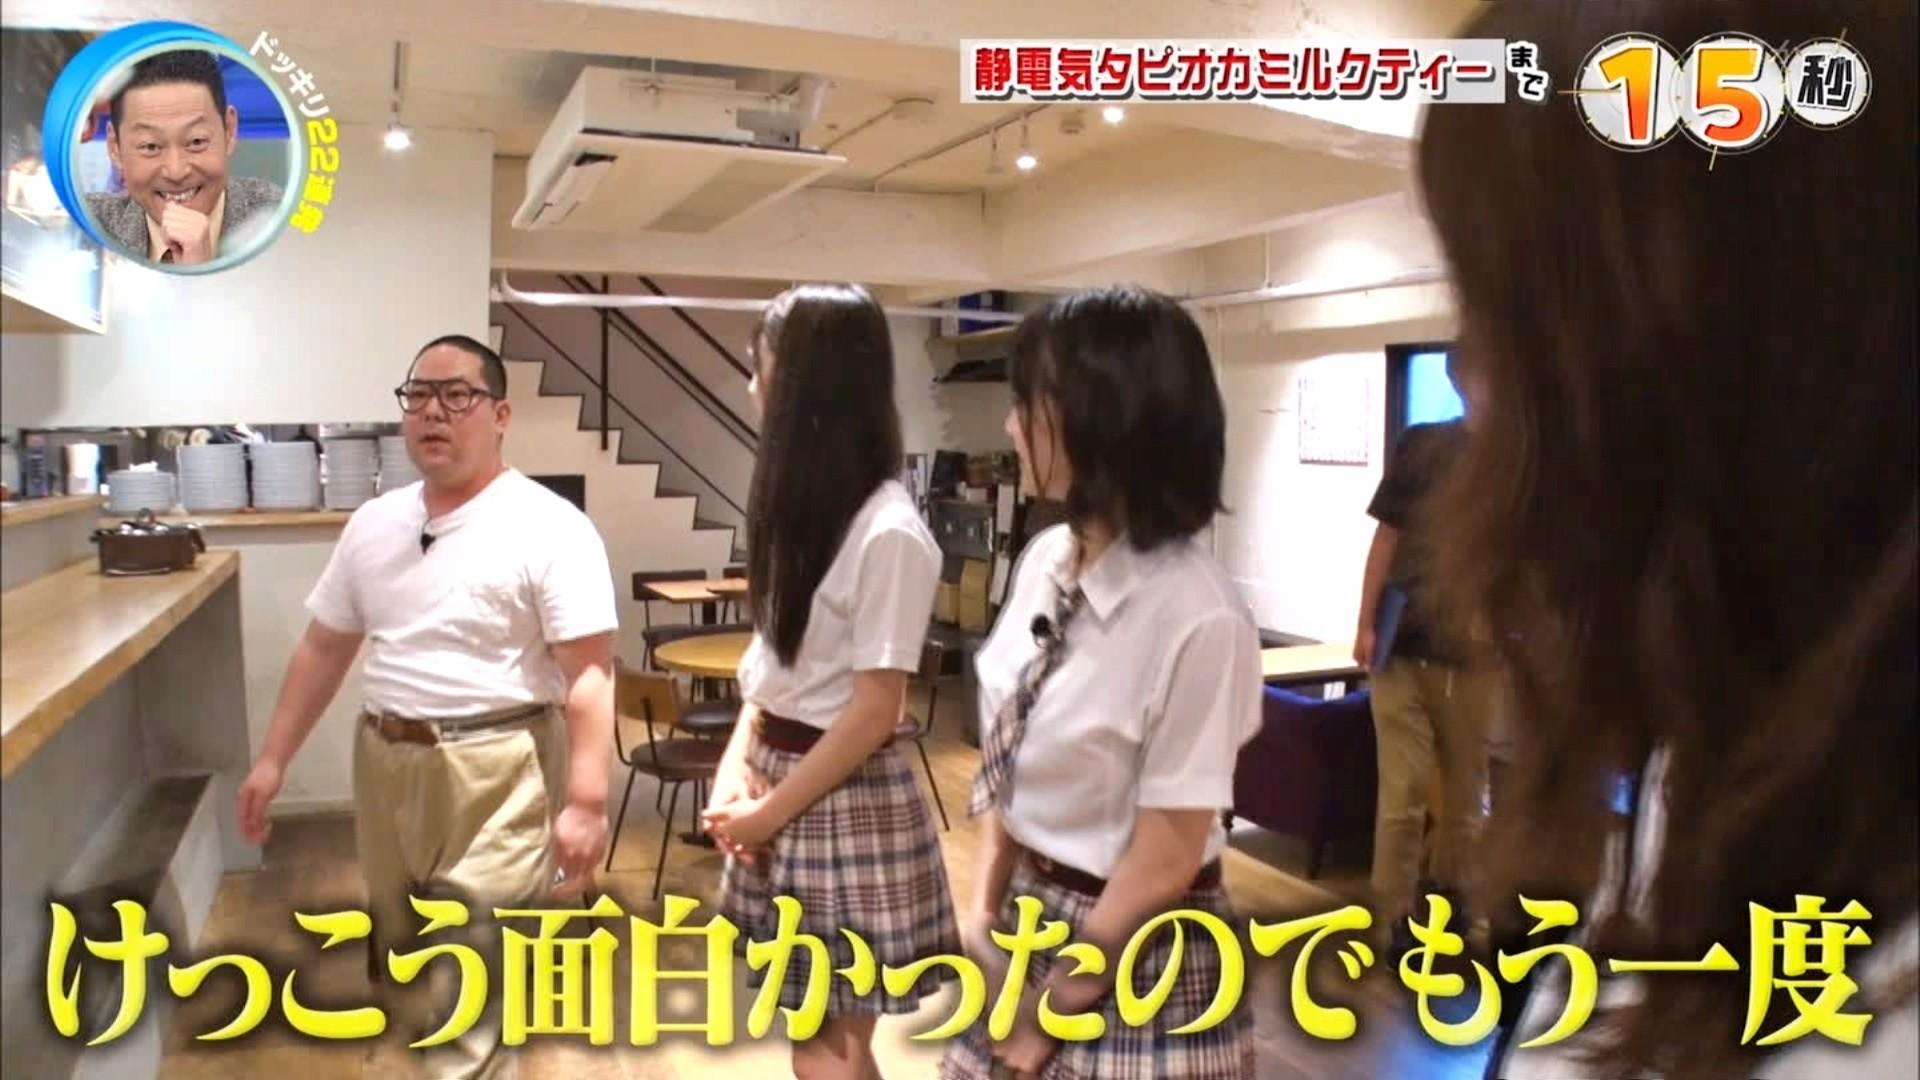 2019年11月30日にフジテレビ系列でほうそうされた「芸能人が本気で考えた!ドッキリGP」に出演したNMB48上西怜・大田莉央奈の画像-018